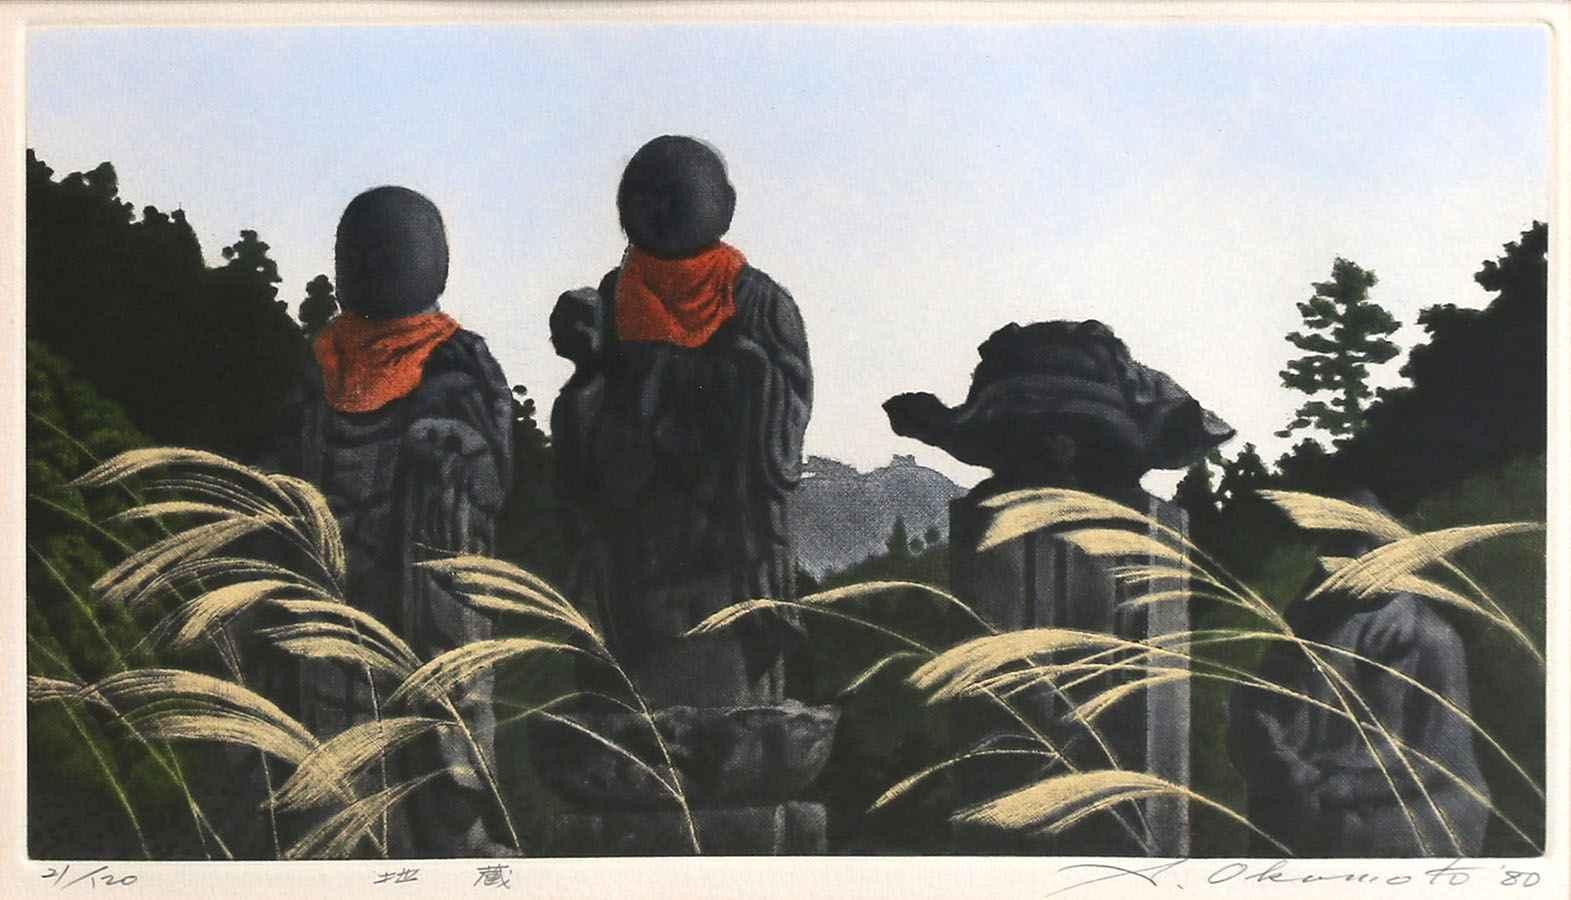 Jizo by  Shogo Okamoto - Masterpiece Online